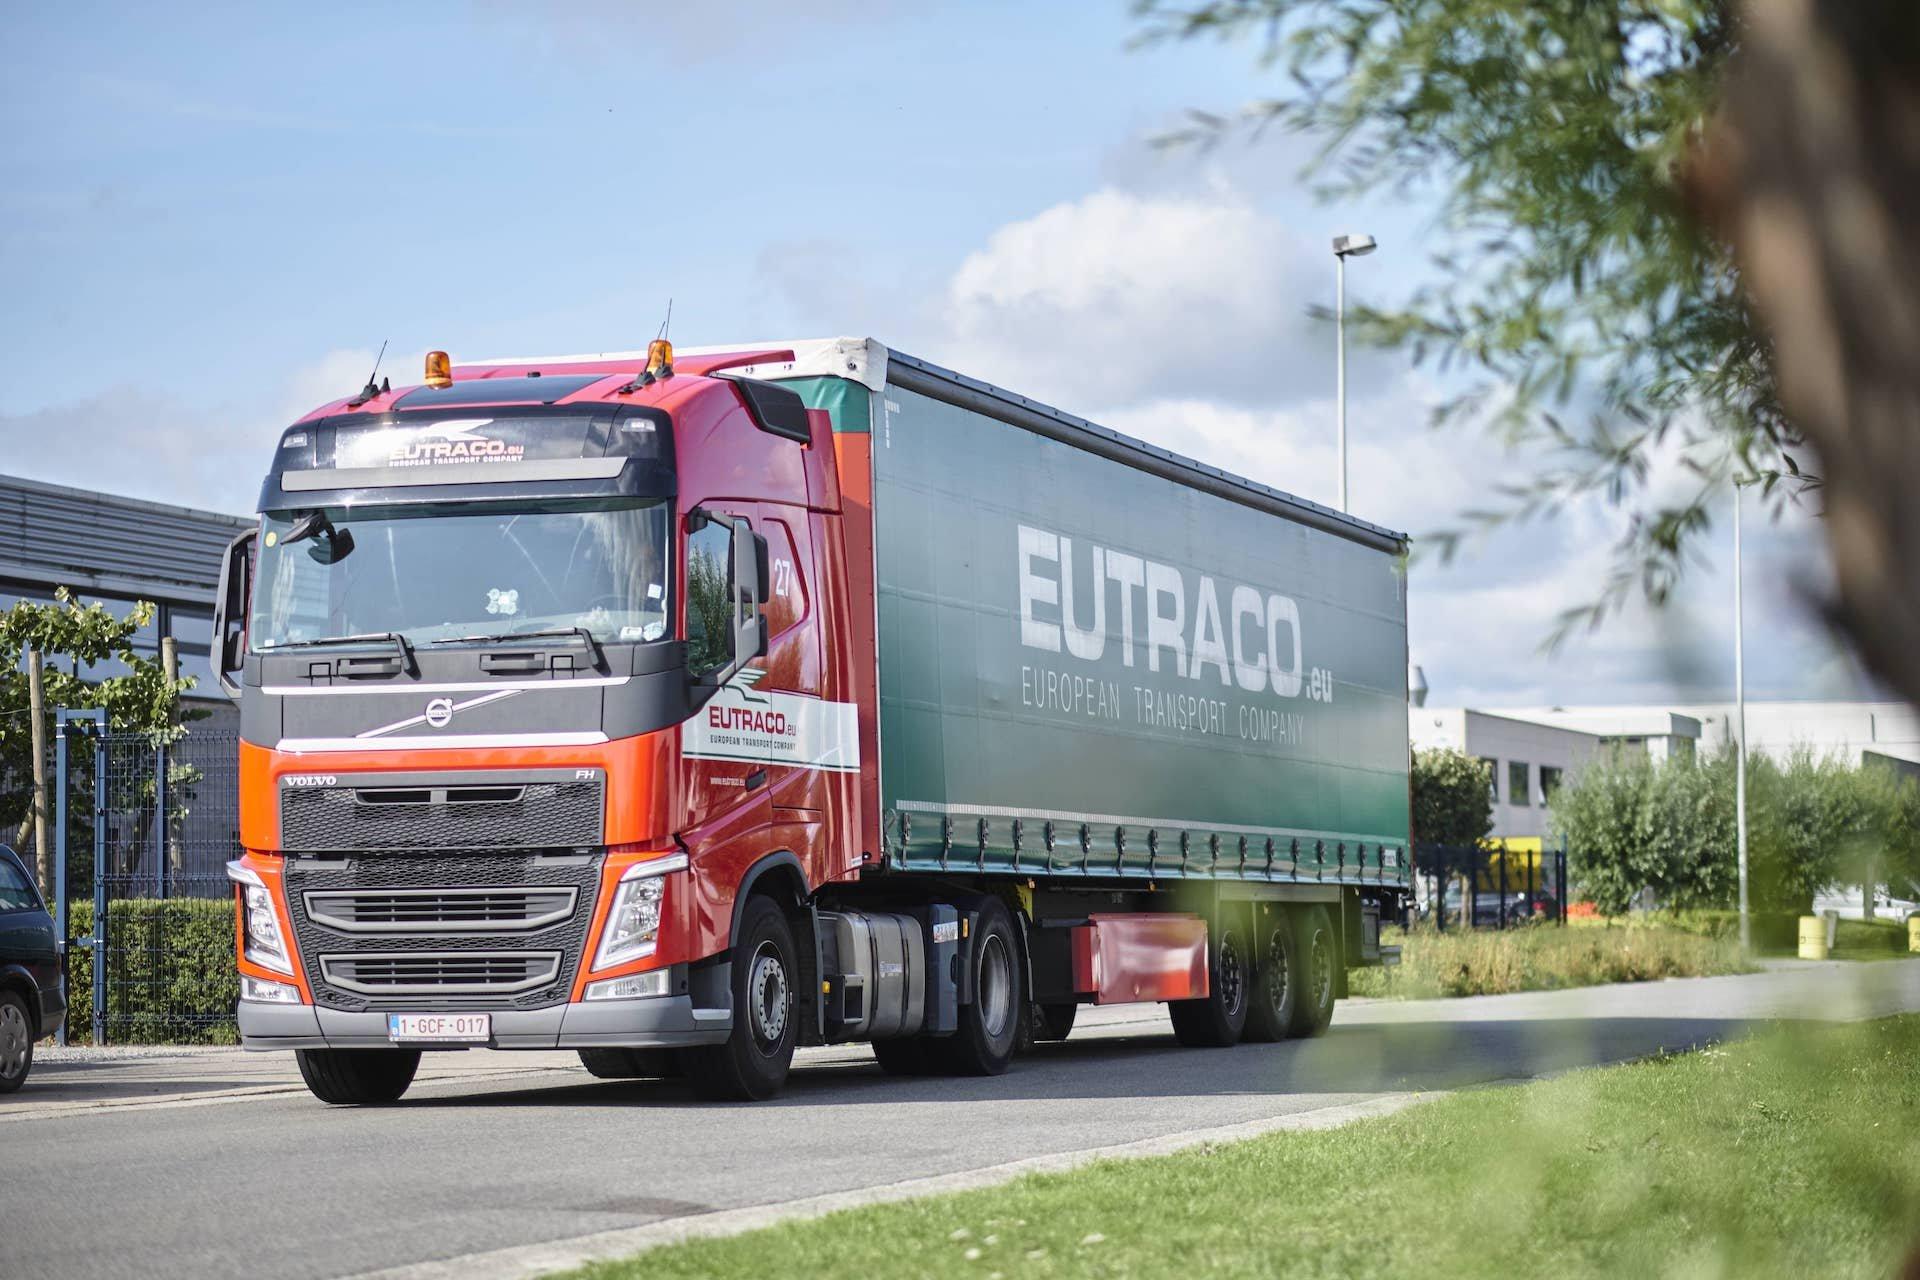 Truck van het transport- en logistiek bedrijf, Eutraco